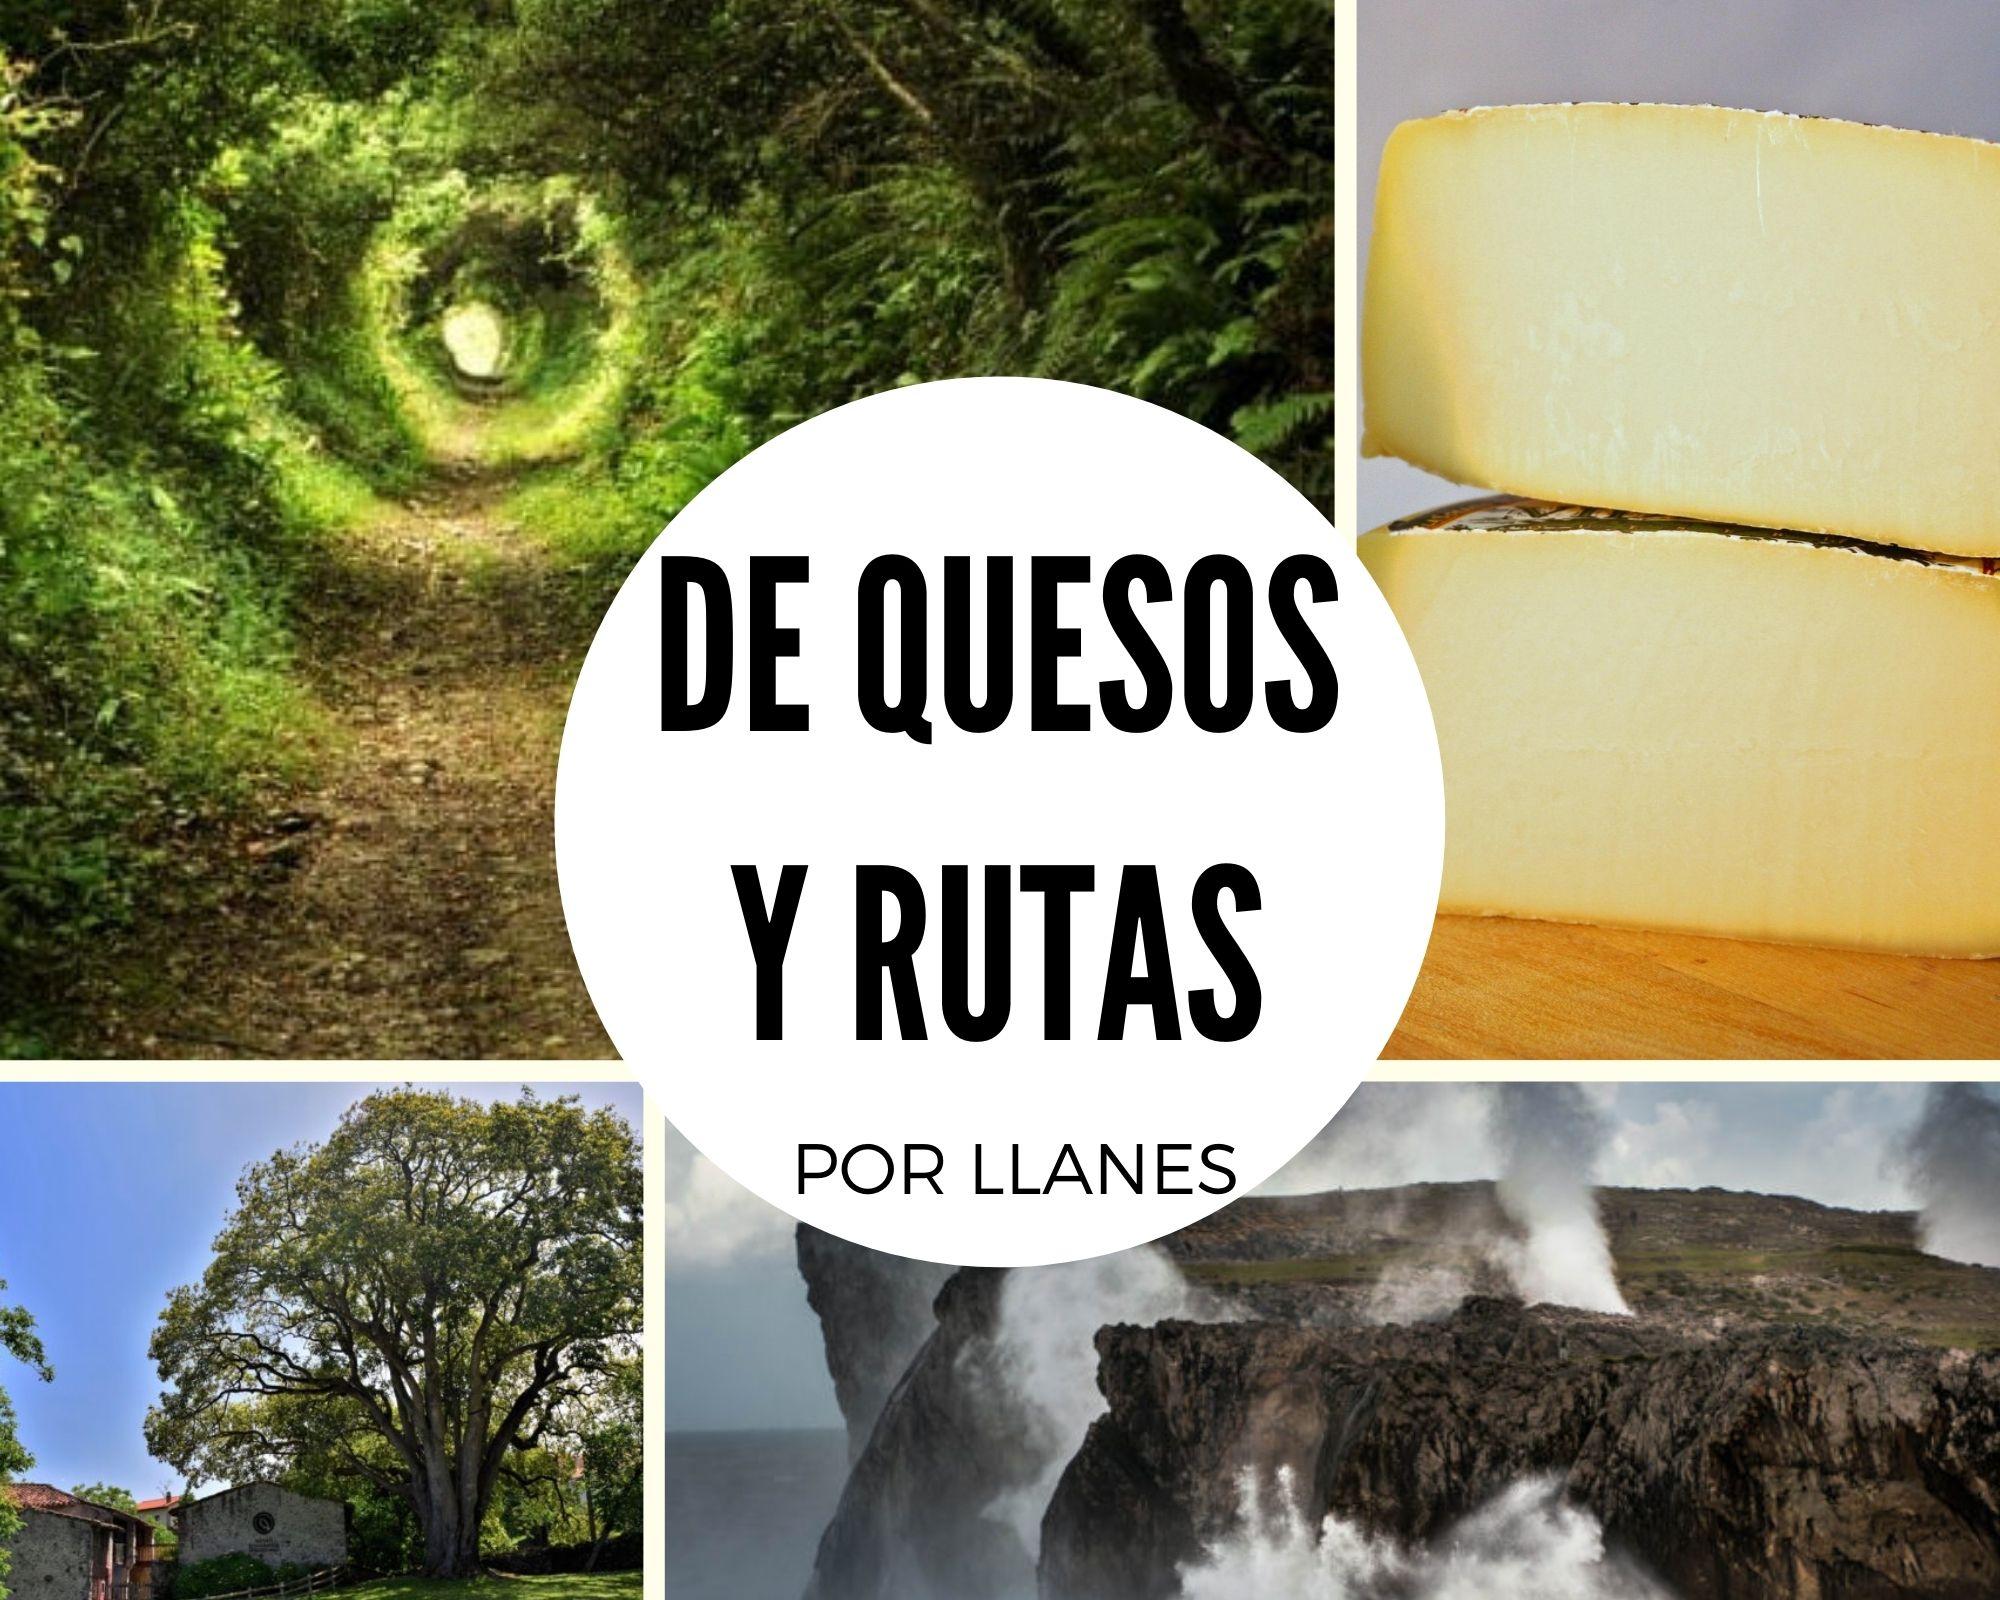 LLANES | DE QUESOS Y RUTAS POR LLANES... Una experiencia 5 sentidos... DESCUBRE!!